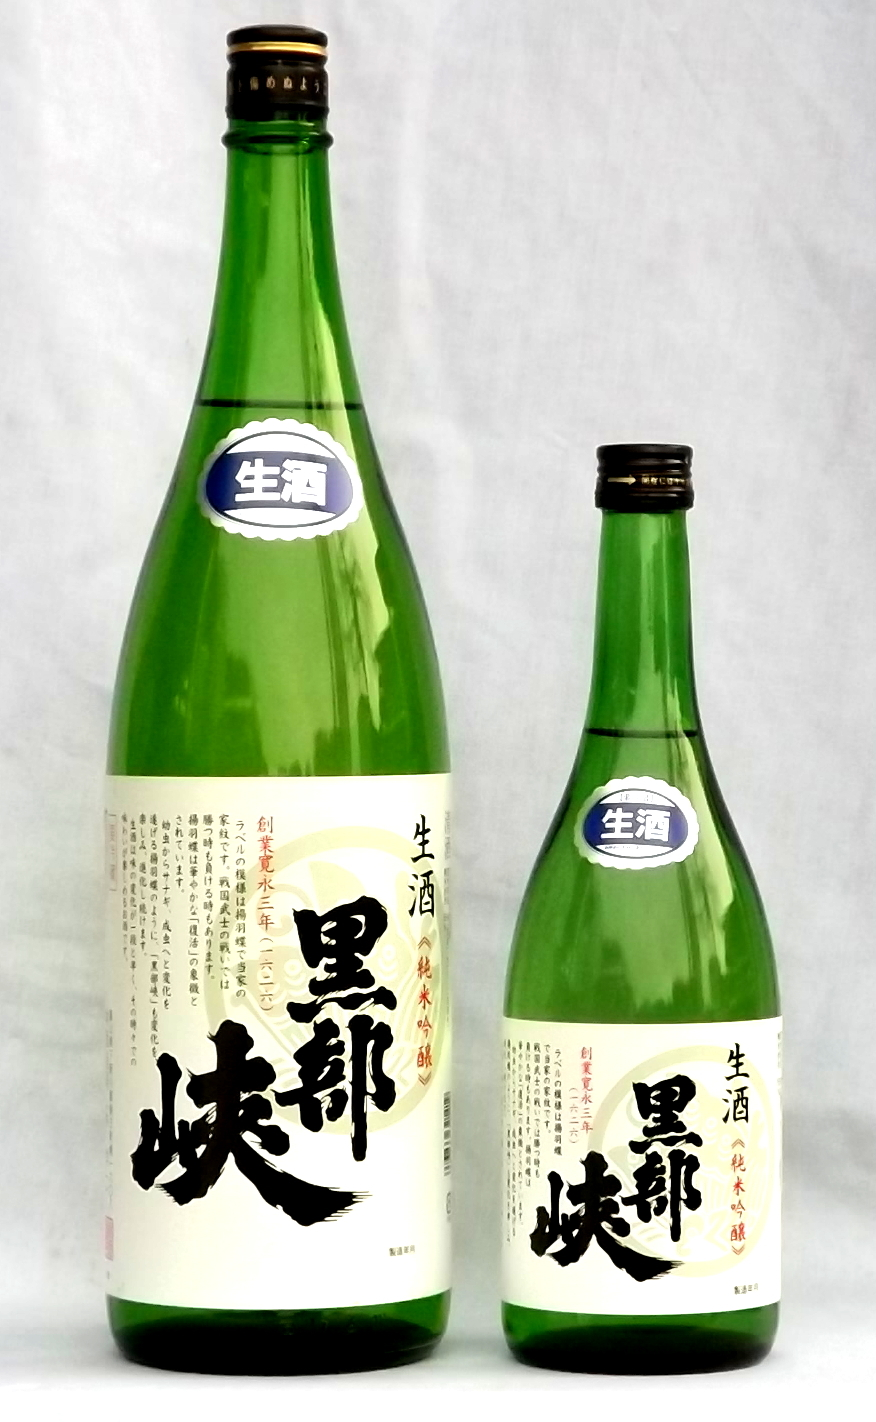 黒部峡 純米吟醸生酒(新ラベル)